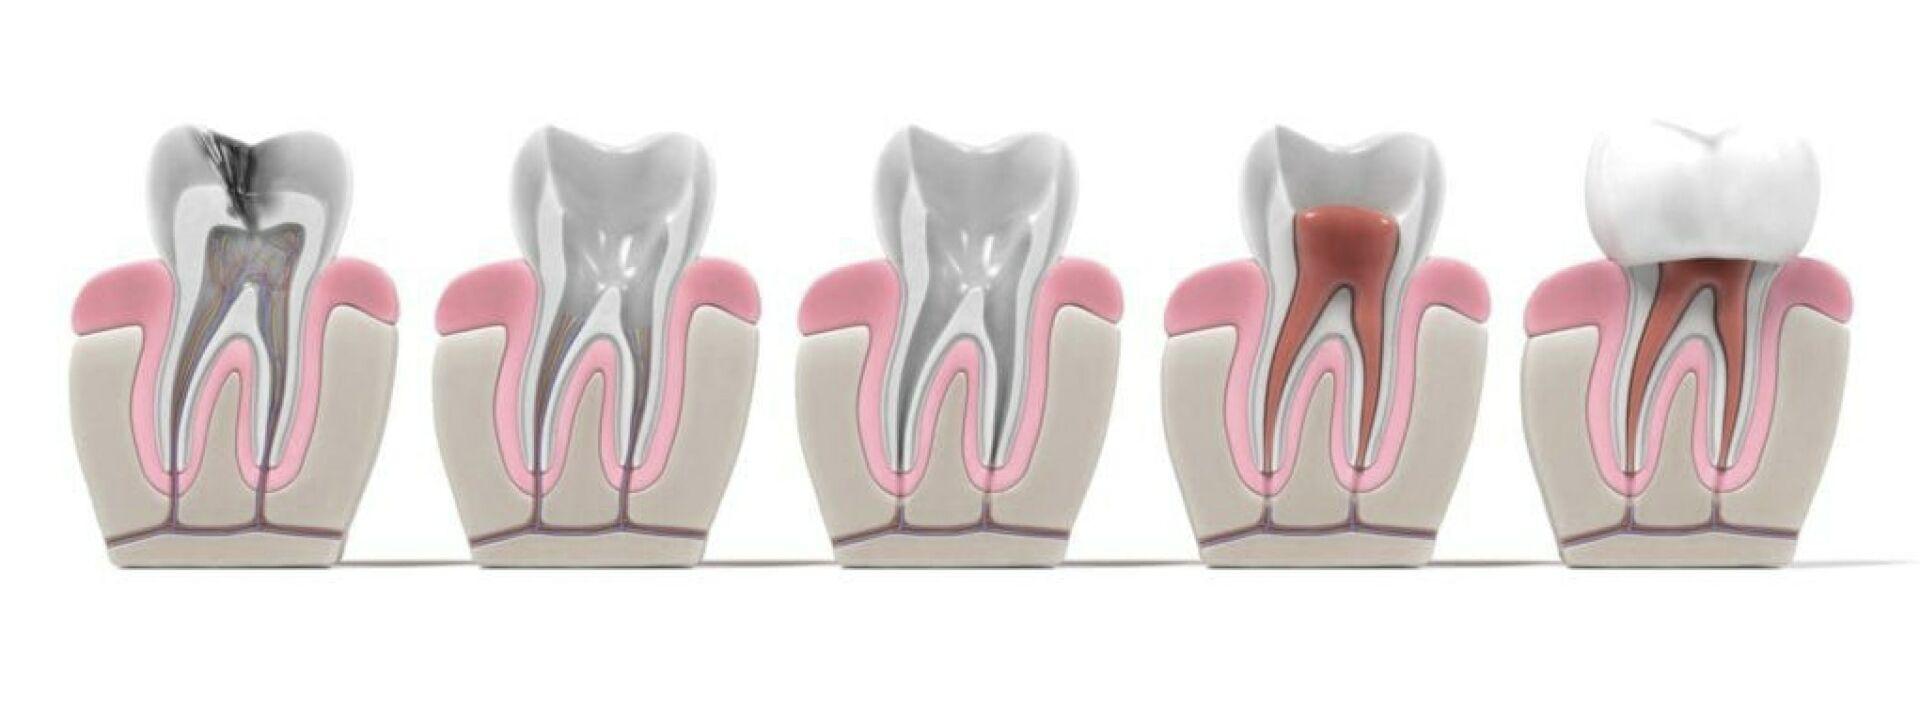 Wurzelbehandlung bei einer Zahnwurzelentzündung